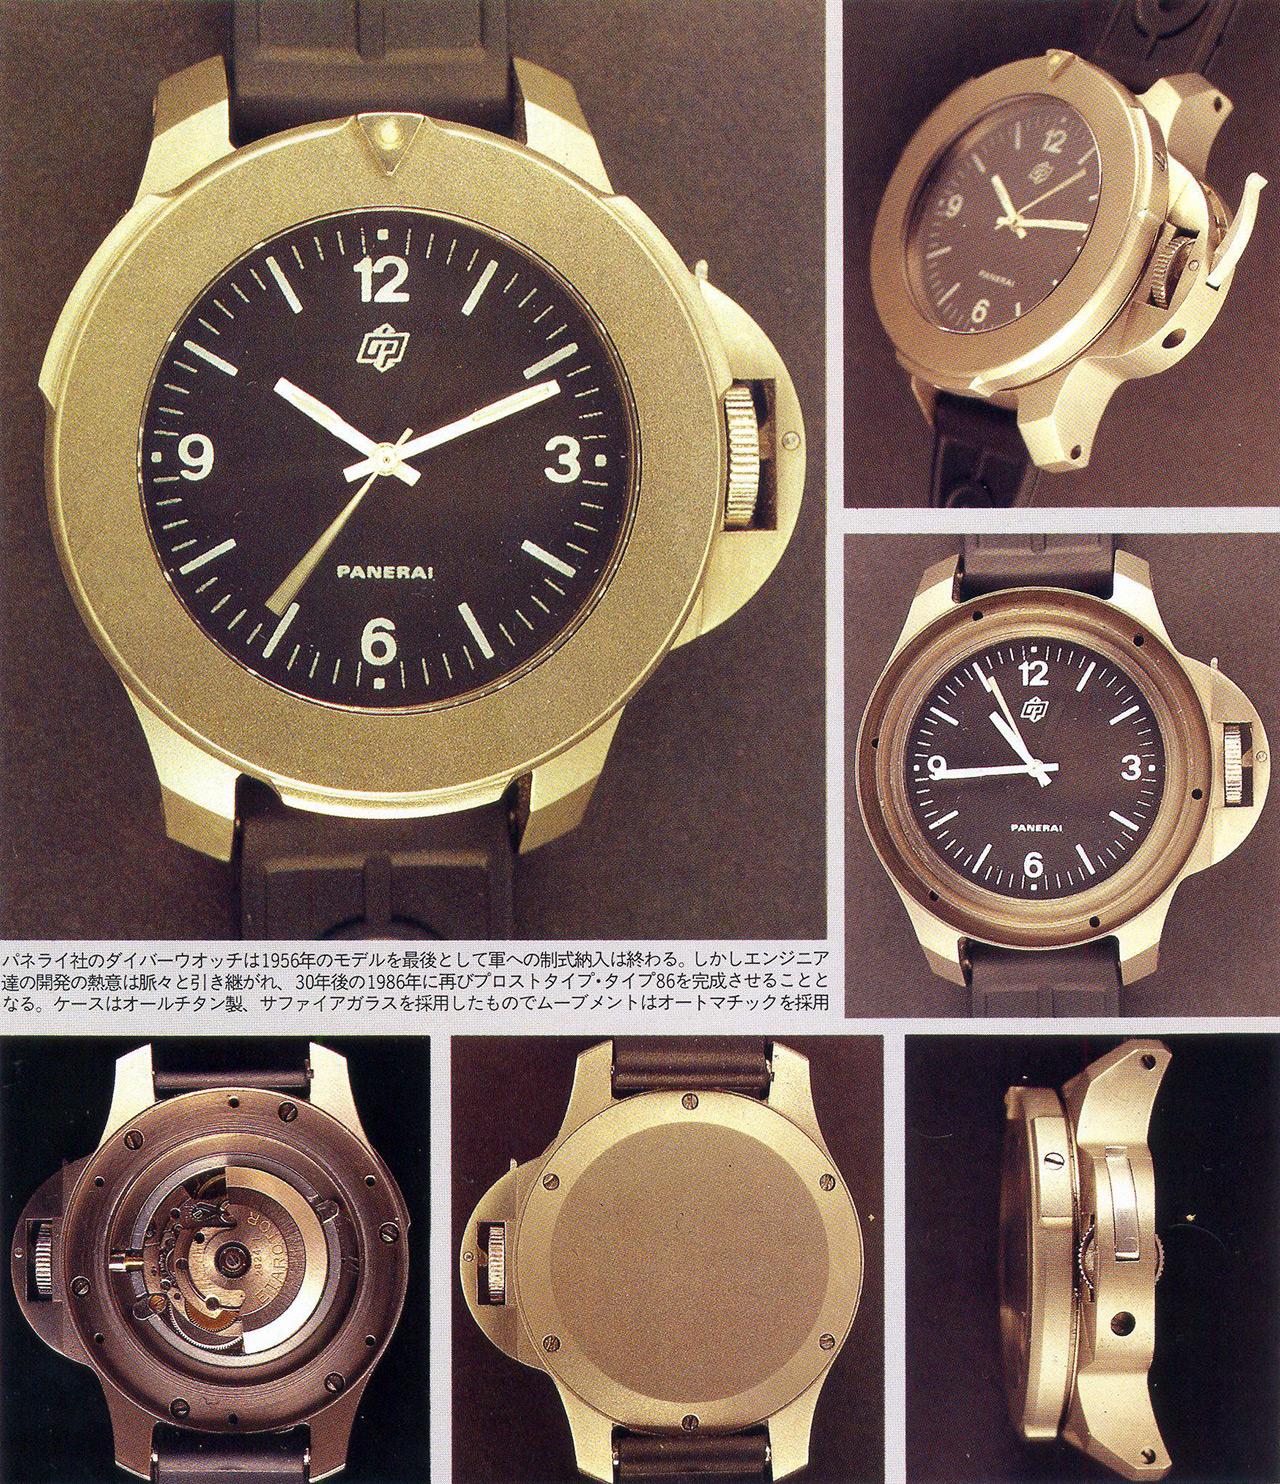 180930-panerai-mille-metri-titanium-archivio-storico-japanese-article-1992.jpg